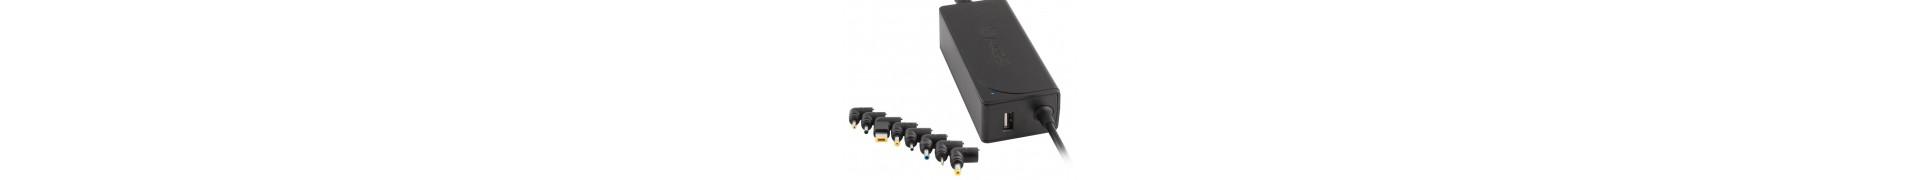 Conectividad, cables, wifi, hub